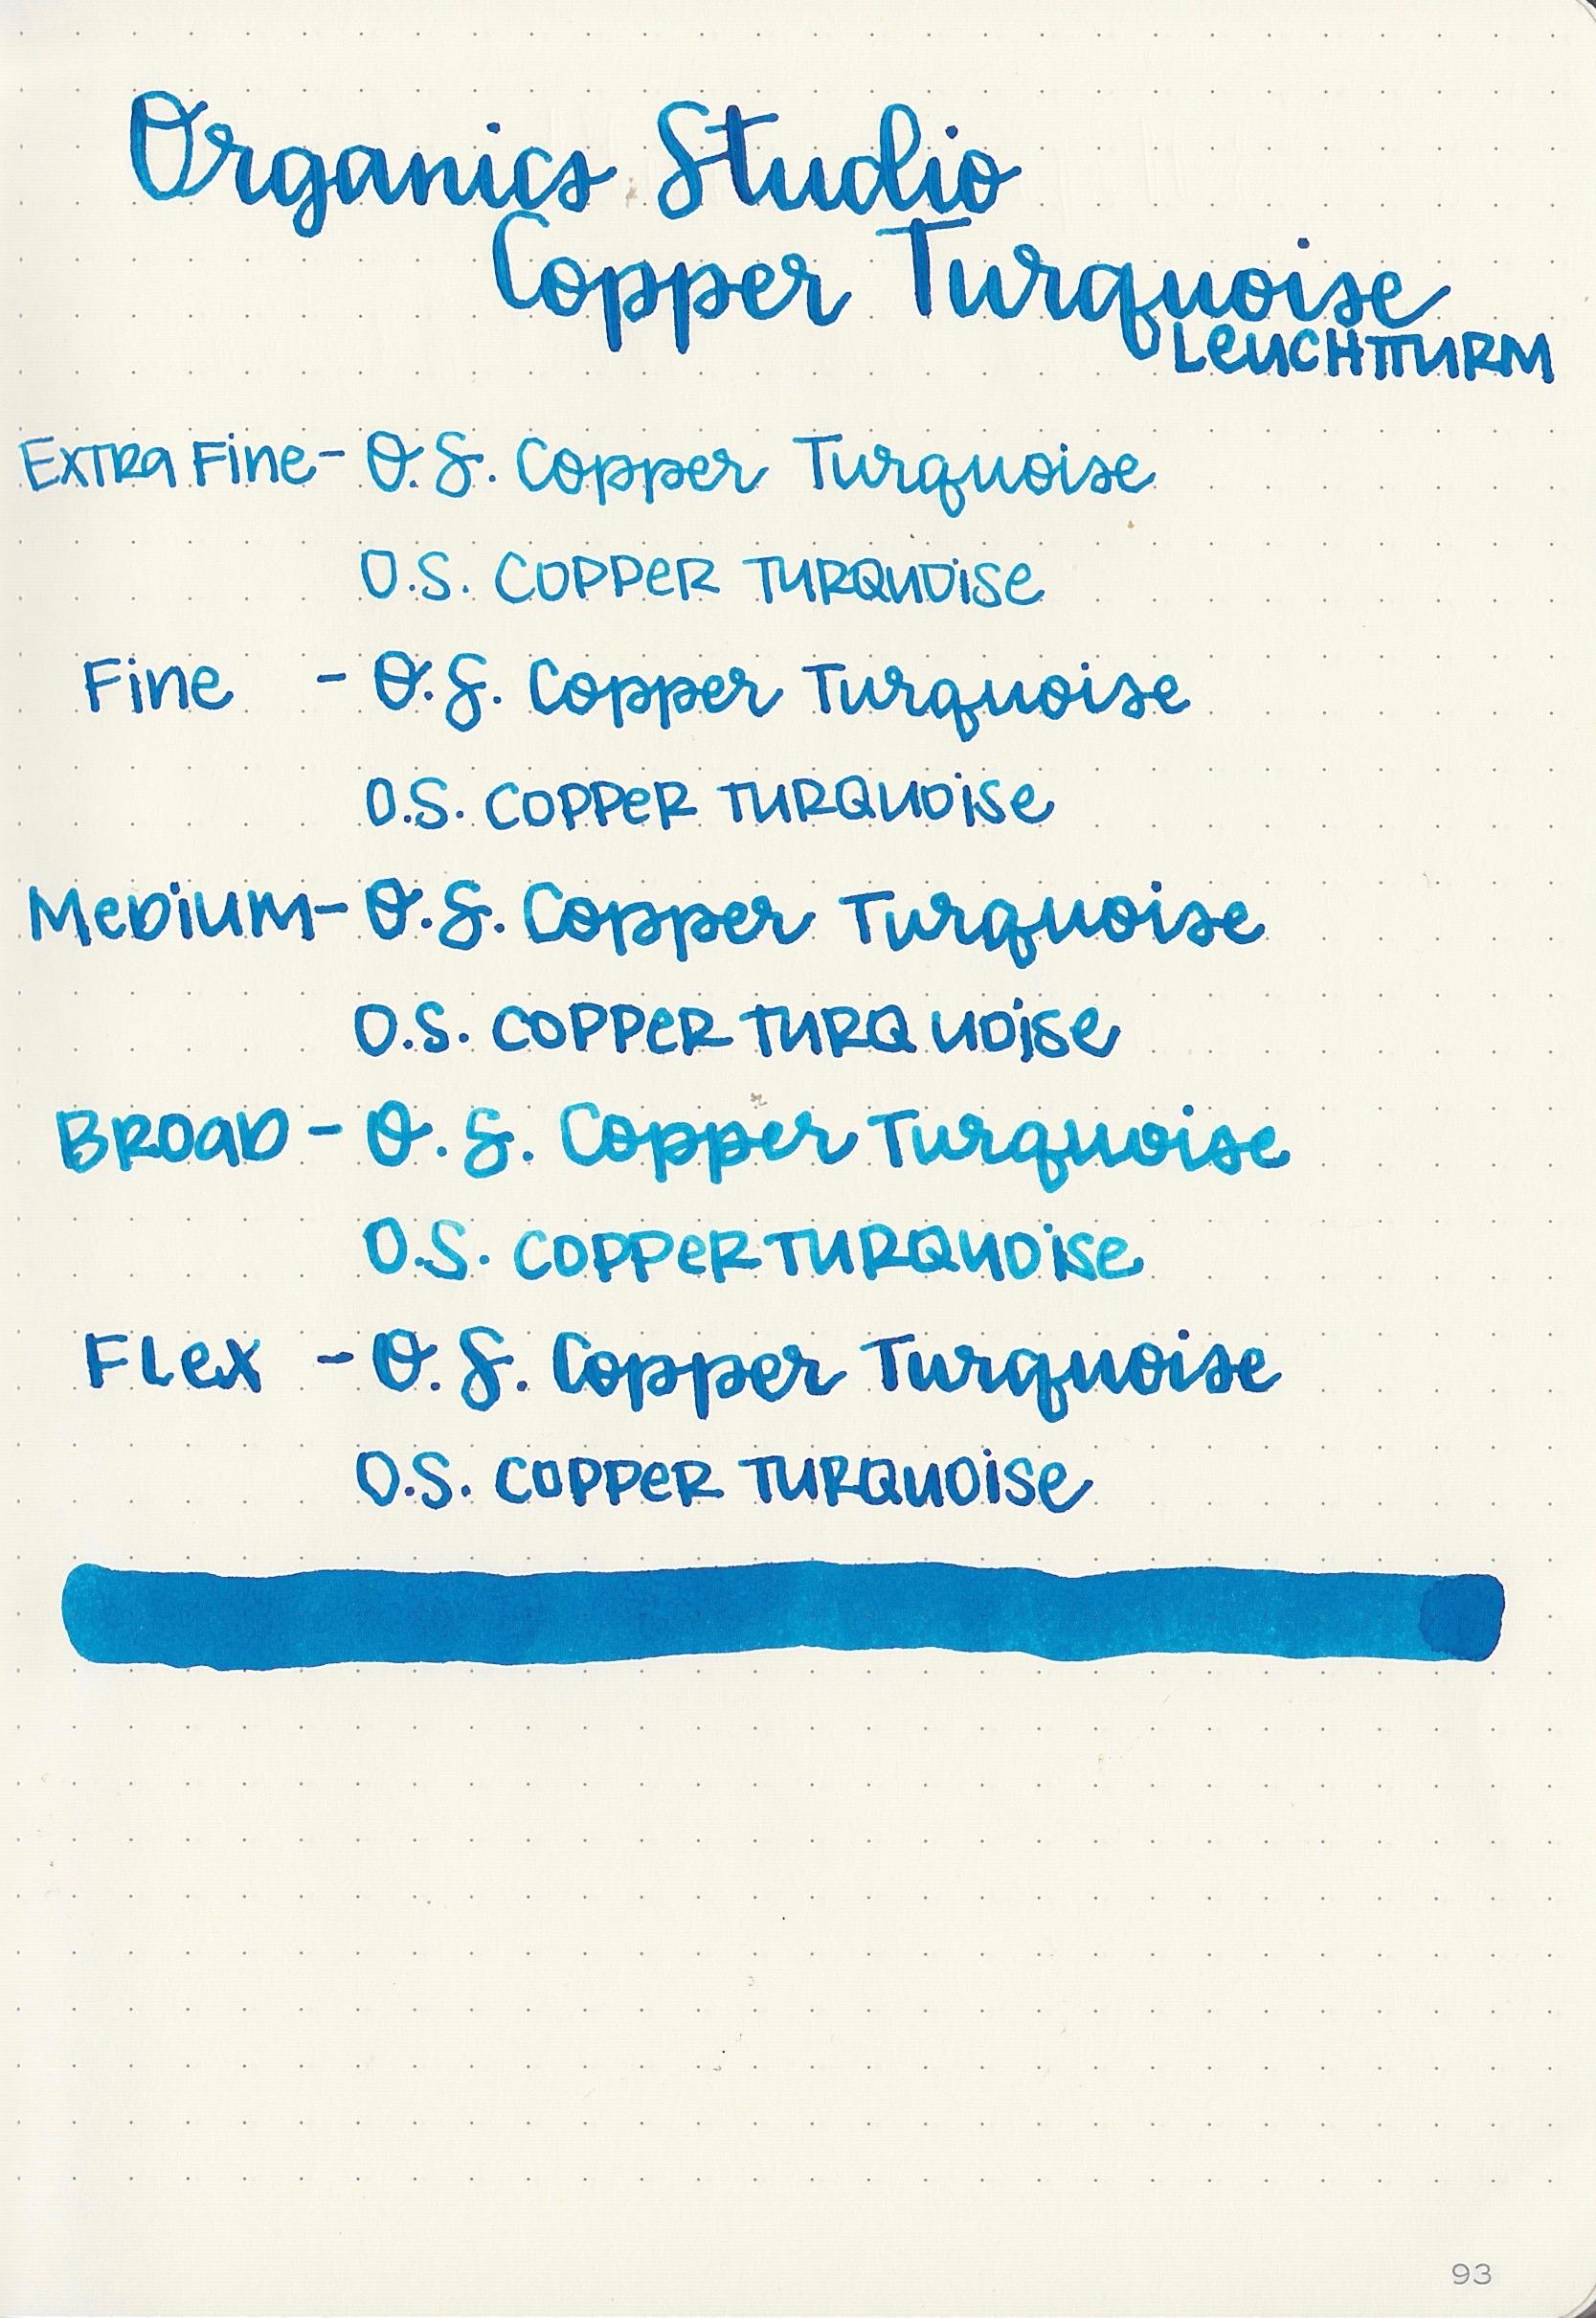 OSCopperTurquoise - 18.jpg